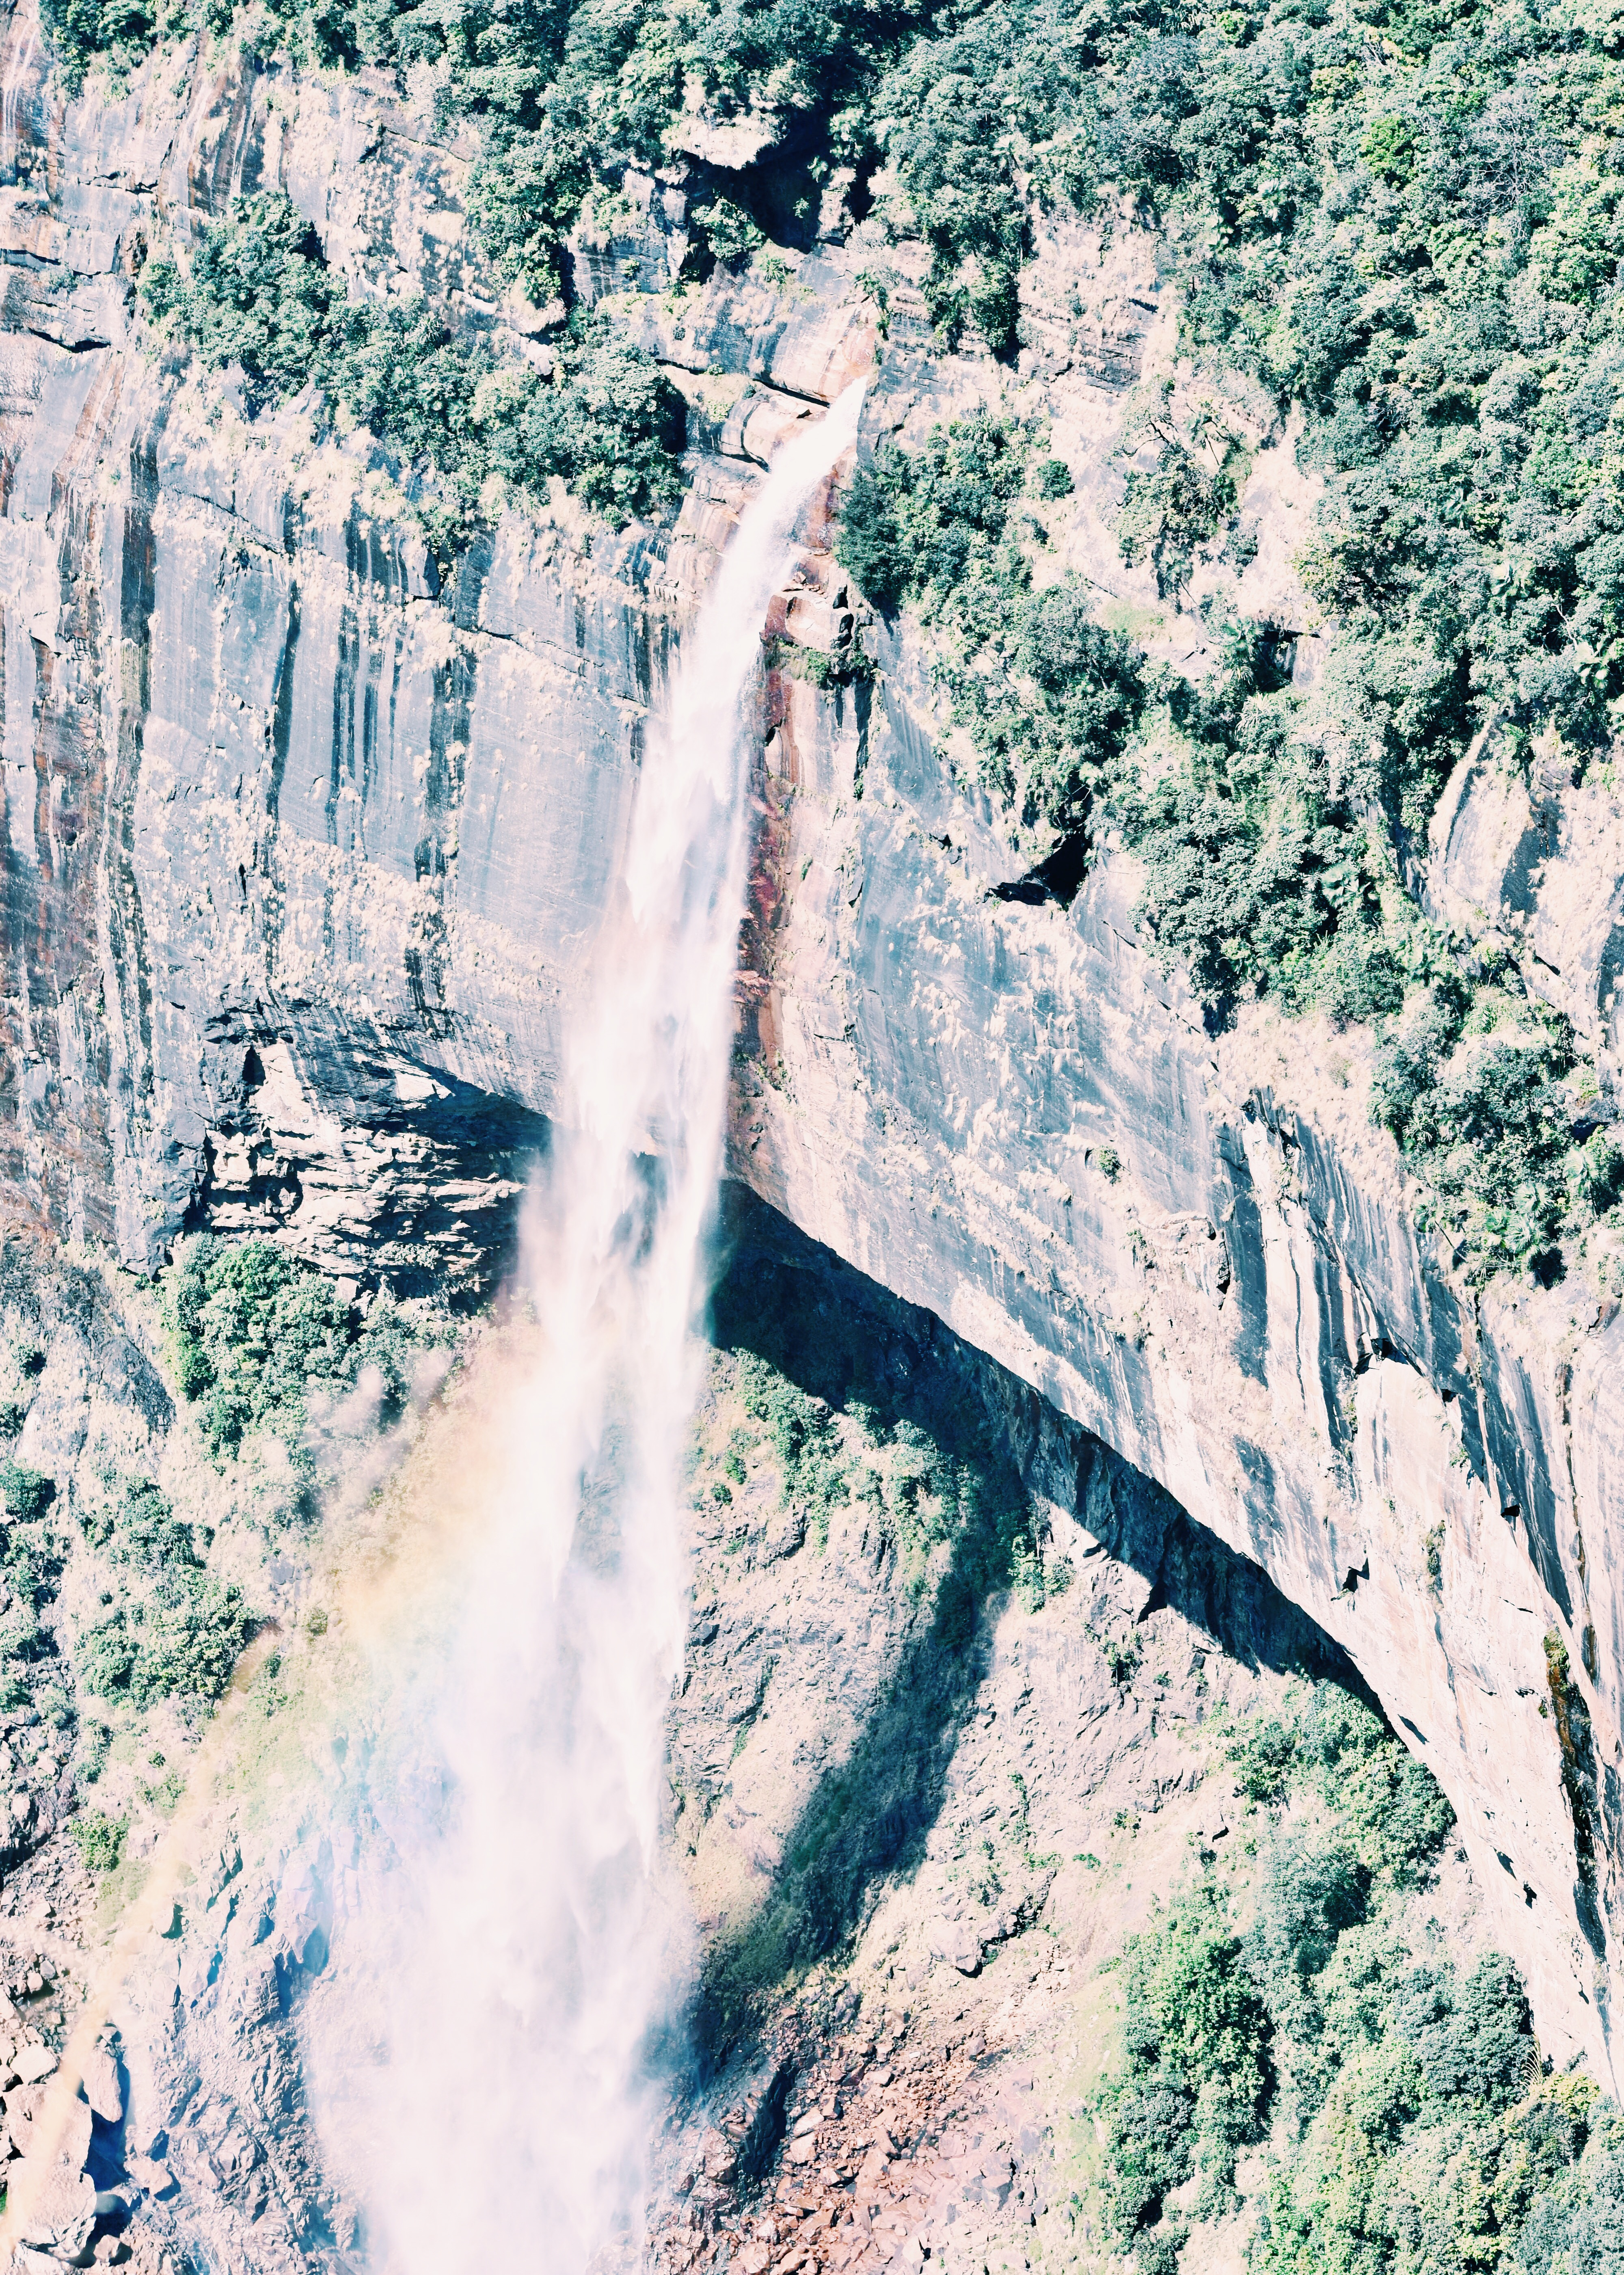 Noikholikai Falls